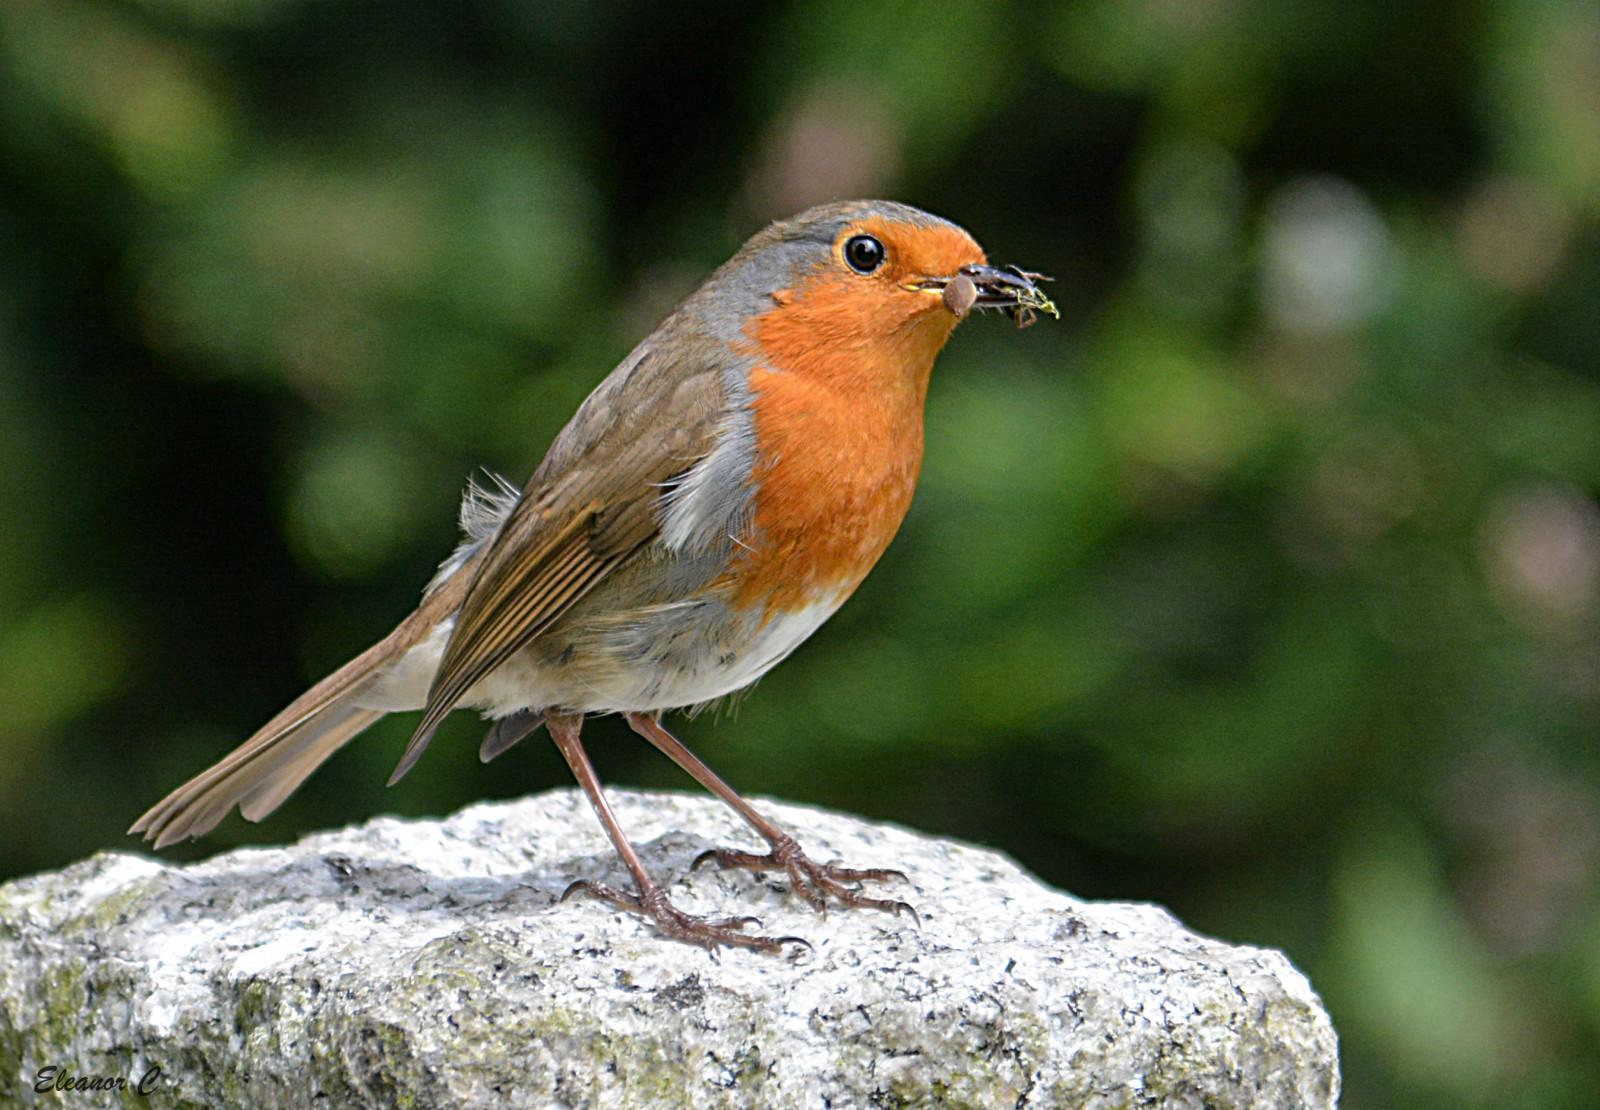 певчие птицы ставрополья фото давно